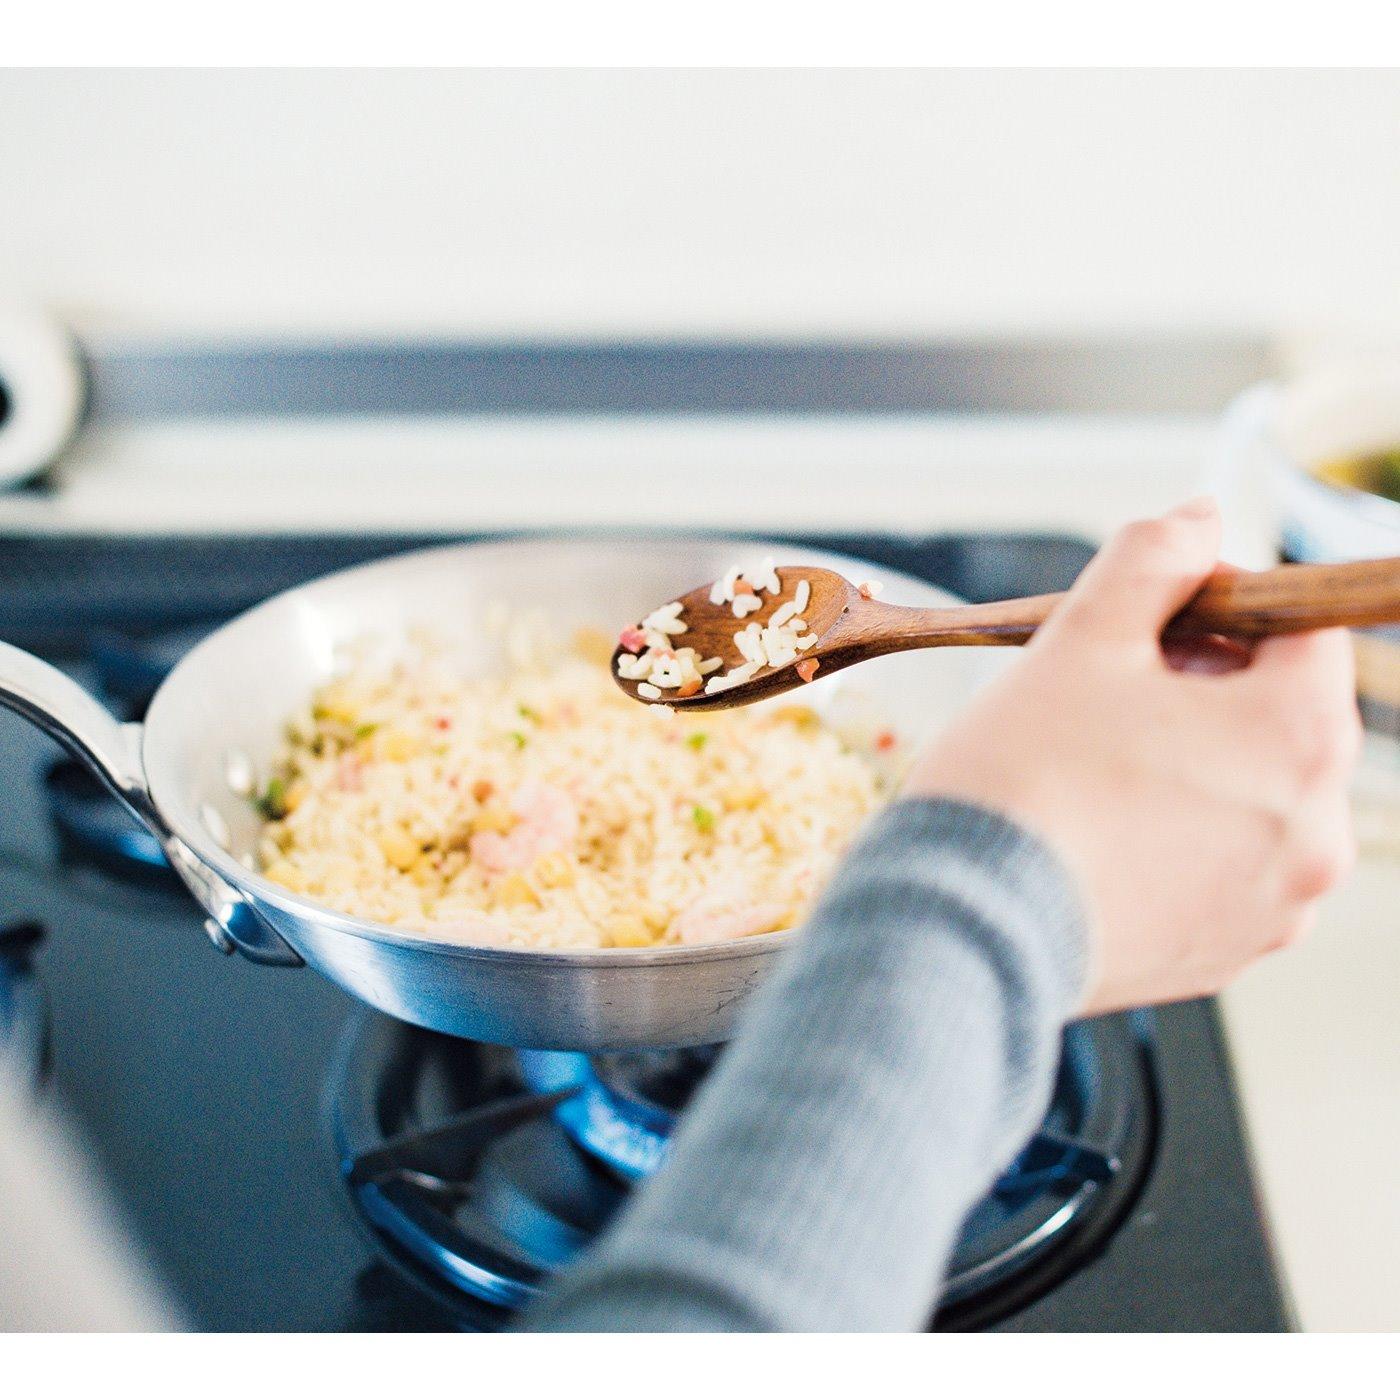 長めの柄だから調理がしやすい。